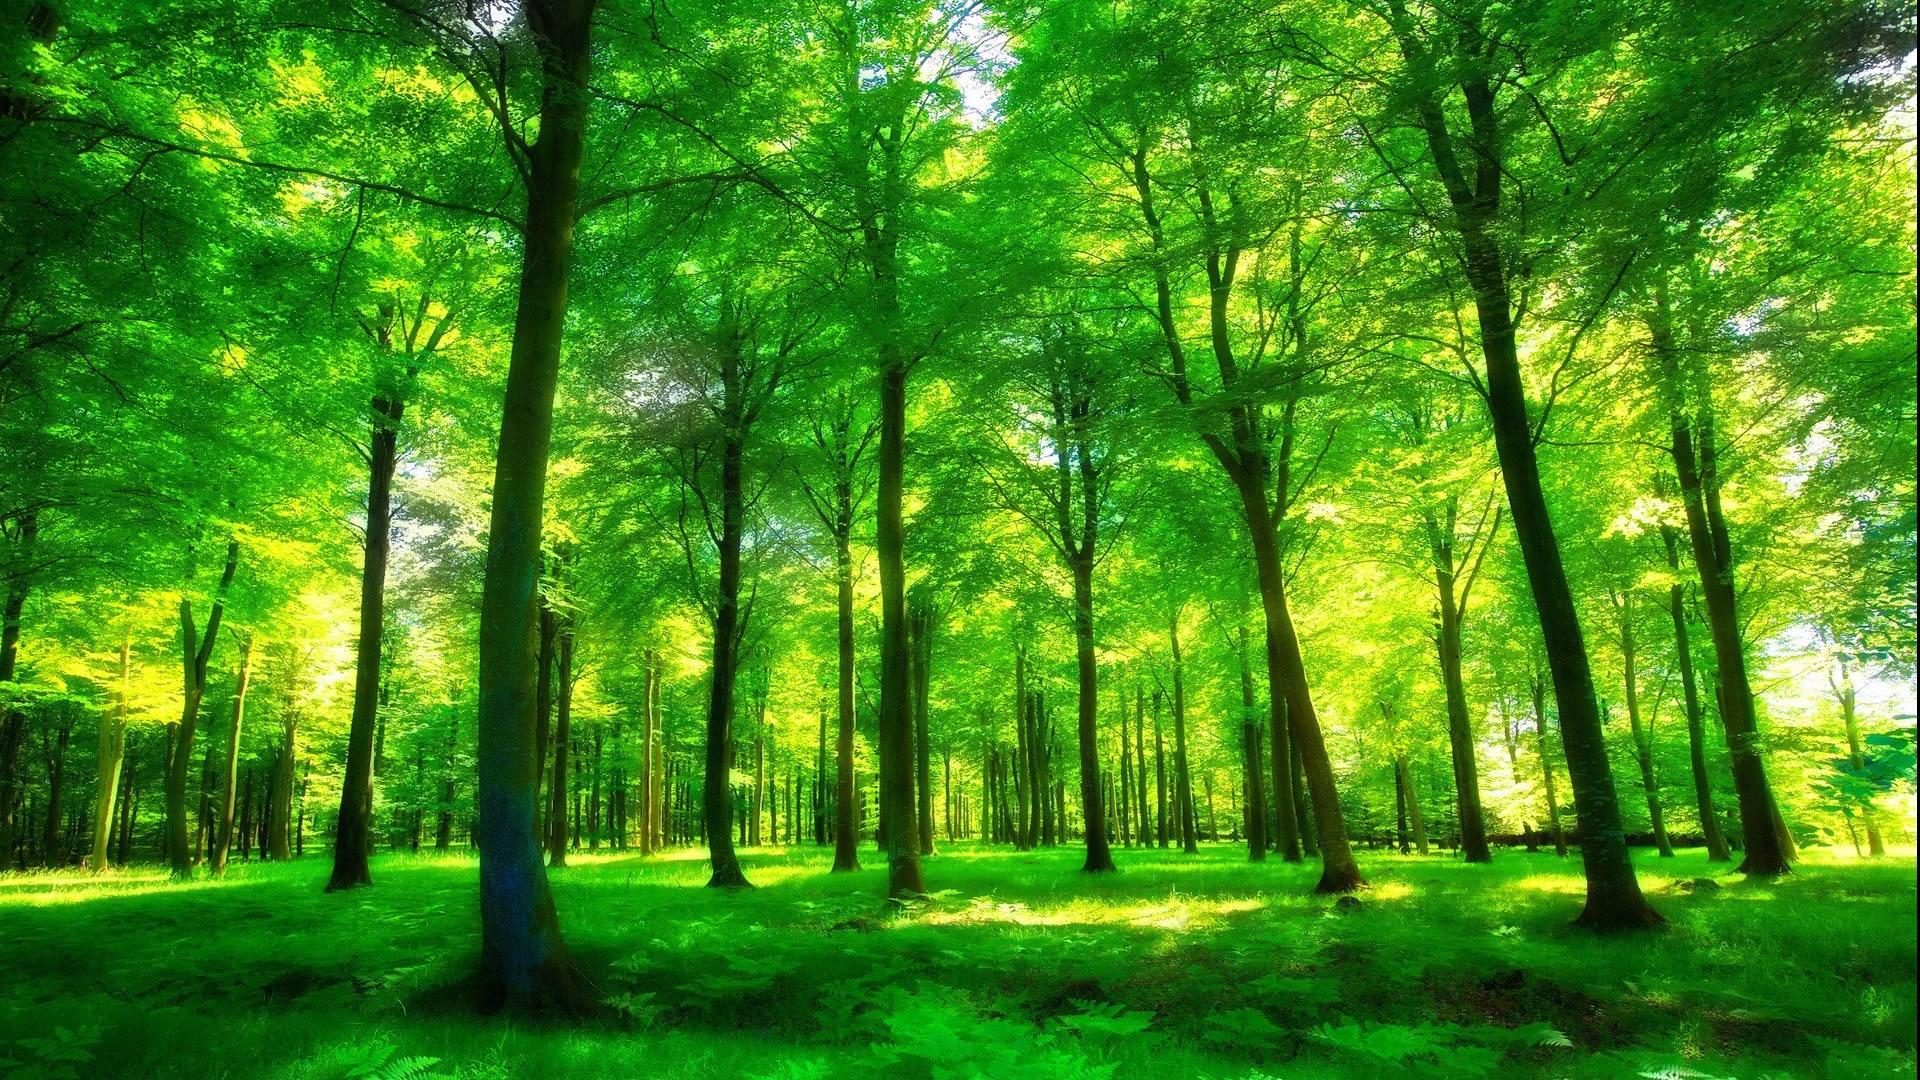 夏至唯美小清新绿色高清壁纸大图_2018夏天清爽壁纸高清图片大全